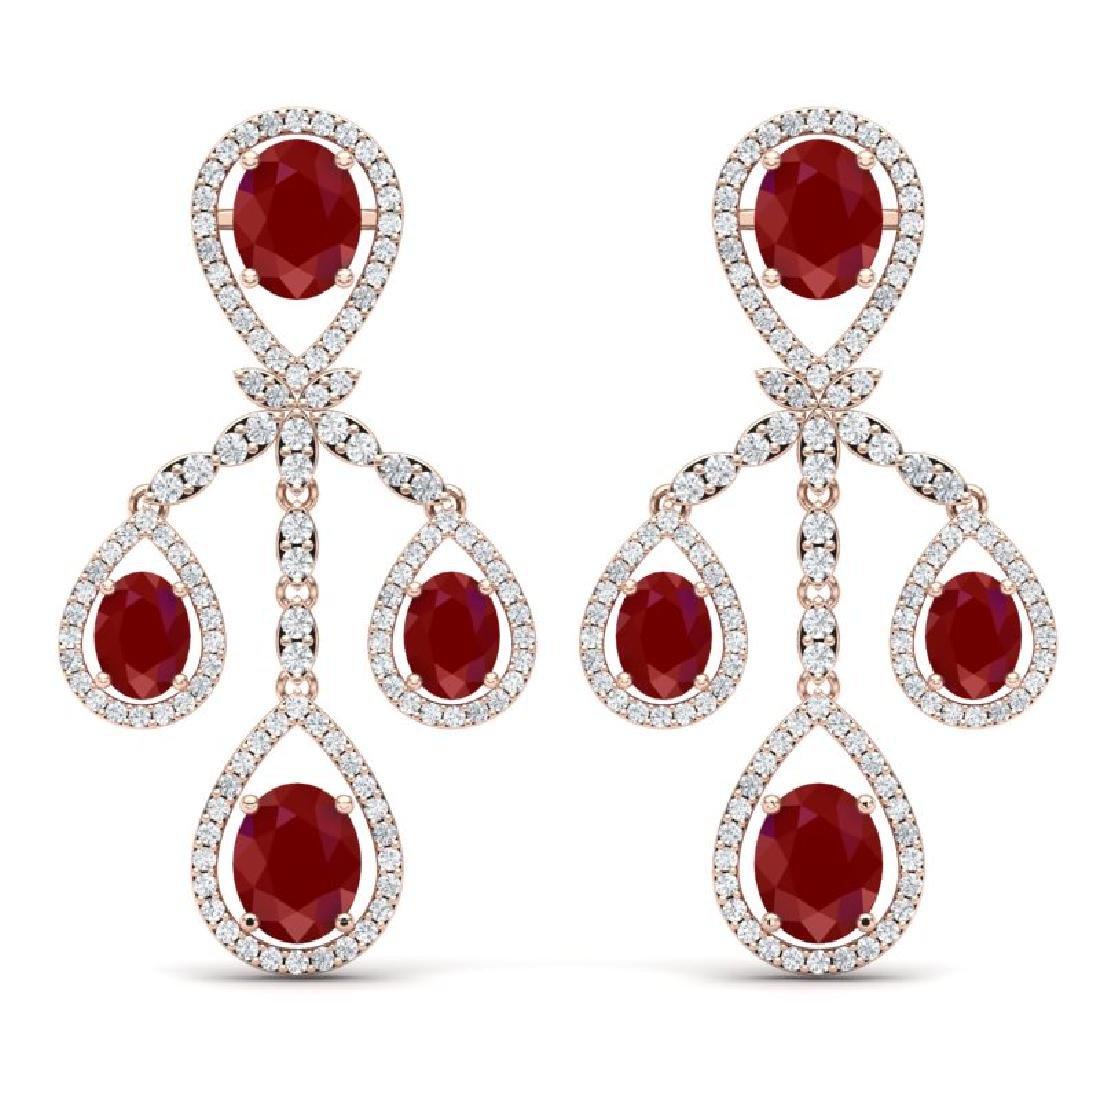 25.08 CTW Royalty Designer Ruby & VS Diamond Earrings